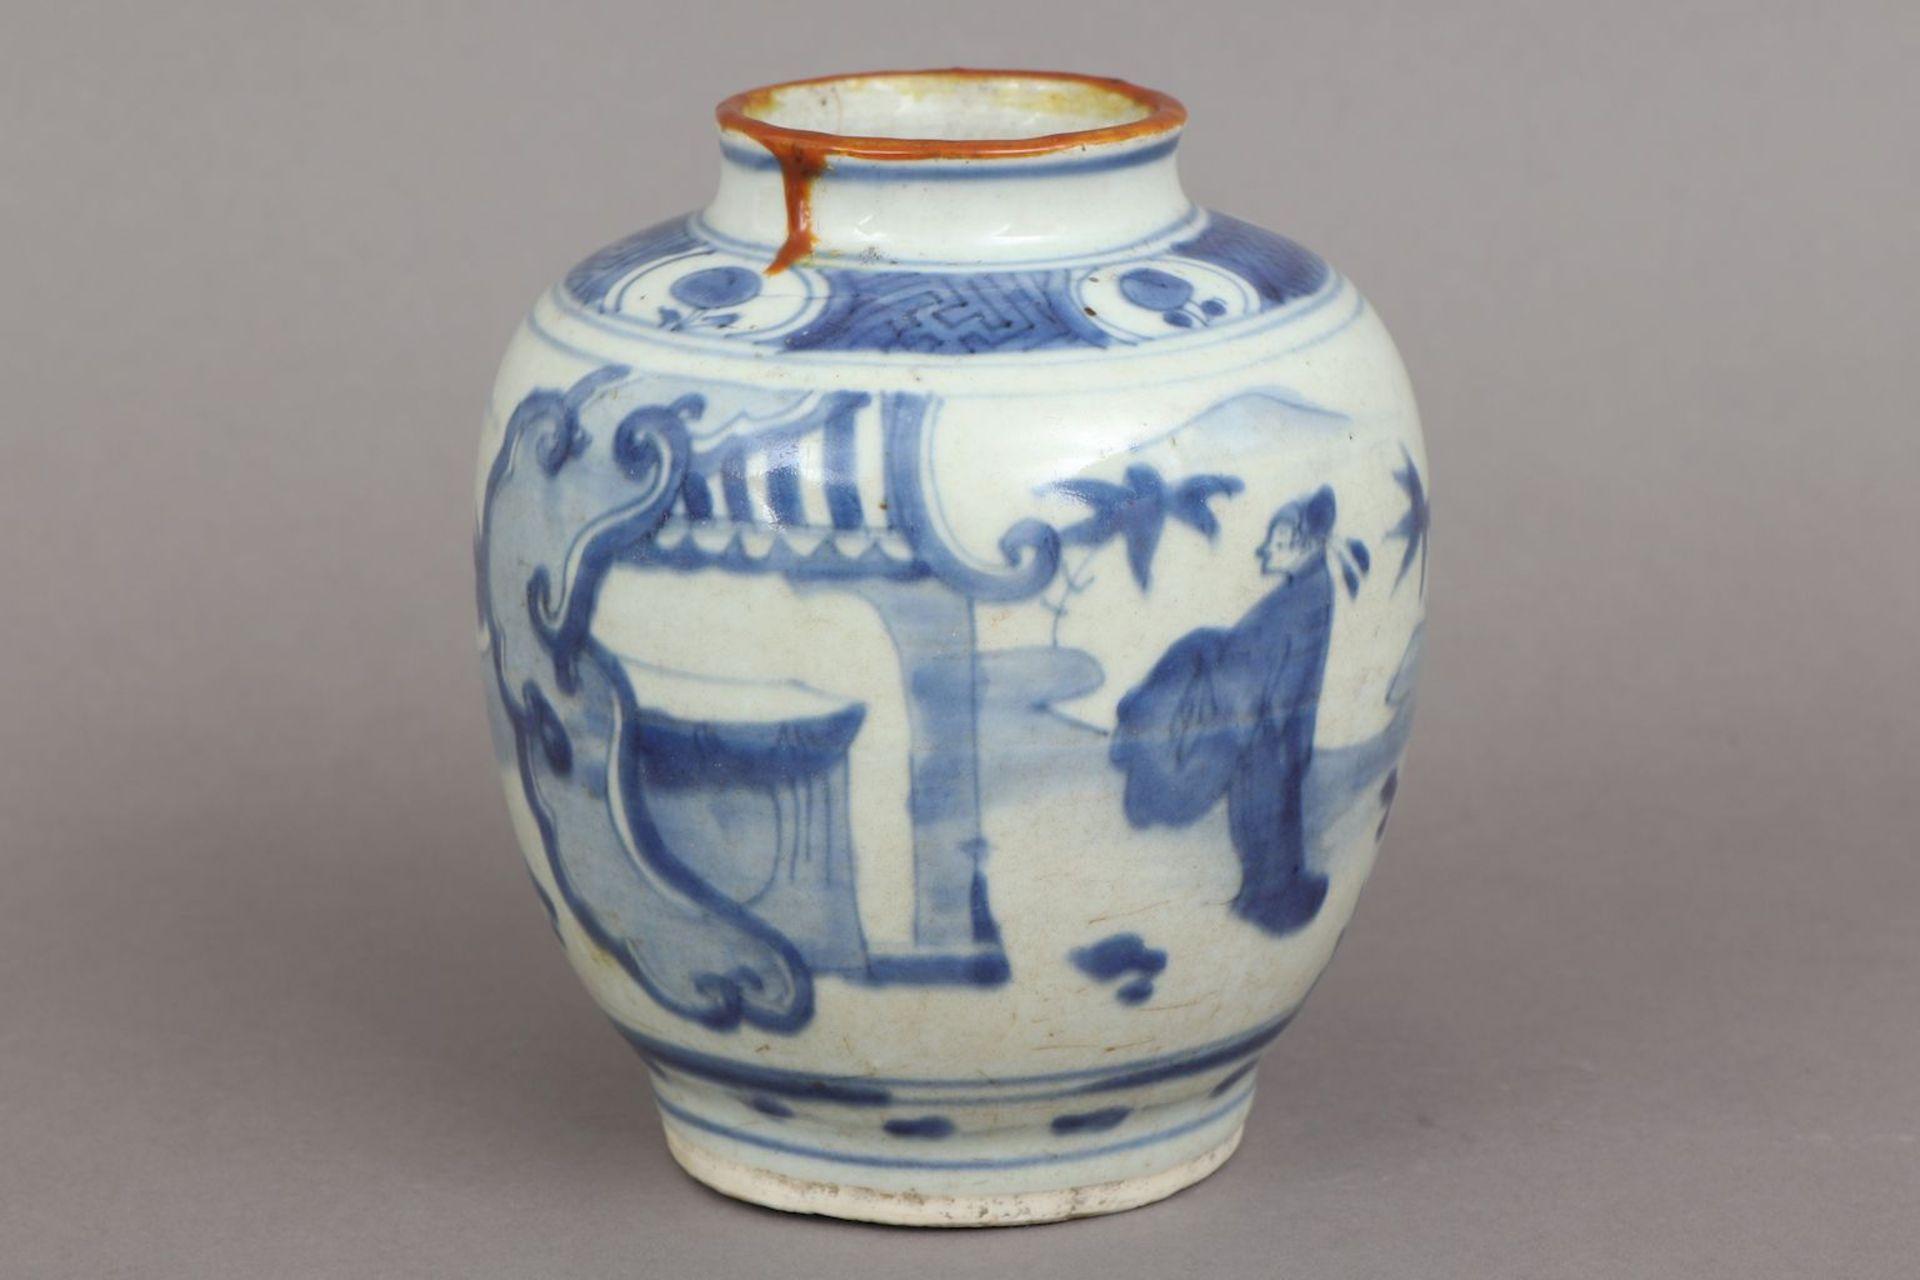 Chinesisches Vorratsgefäß/Ingwertopf der Ming Dynastie (1368-1644)